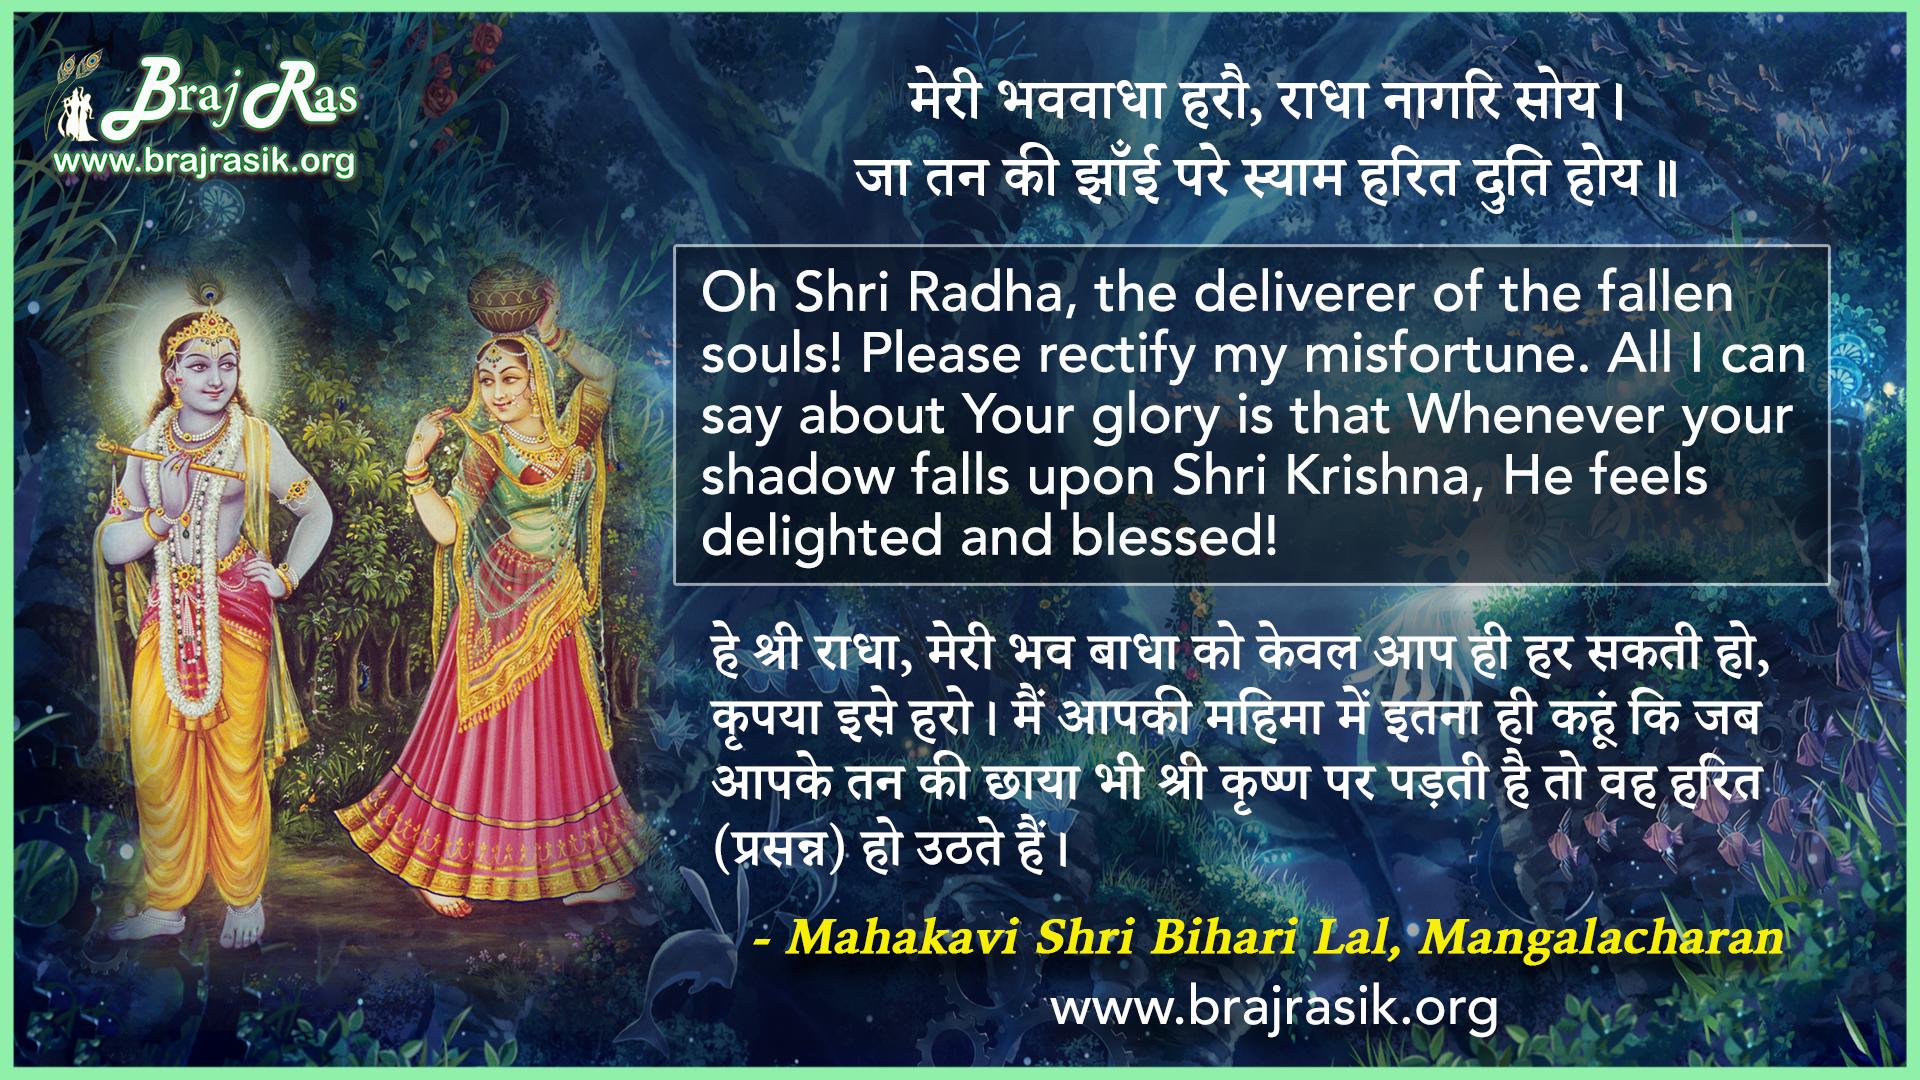 Meri Bhavbadha Harau - Shrimahakavi Shri Bihari, Mangalacharan